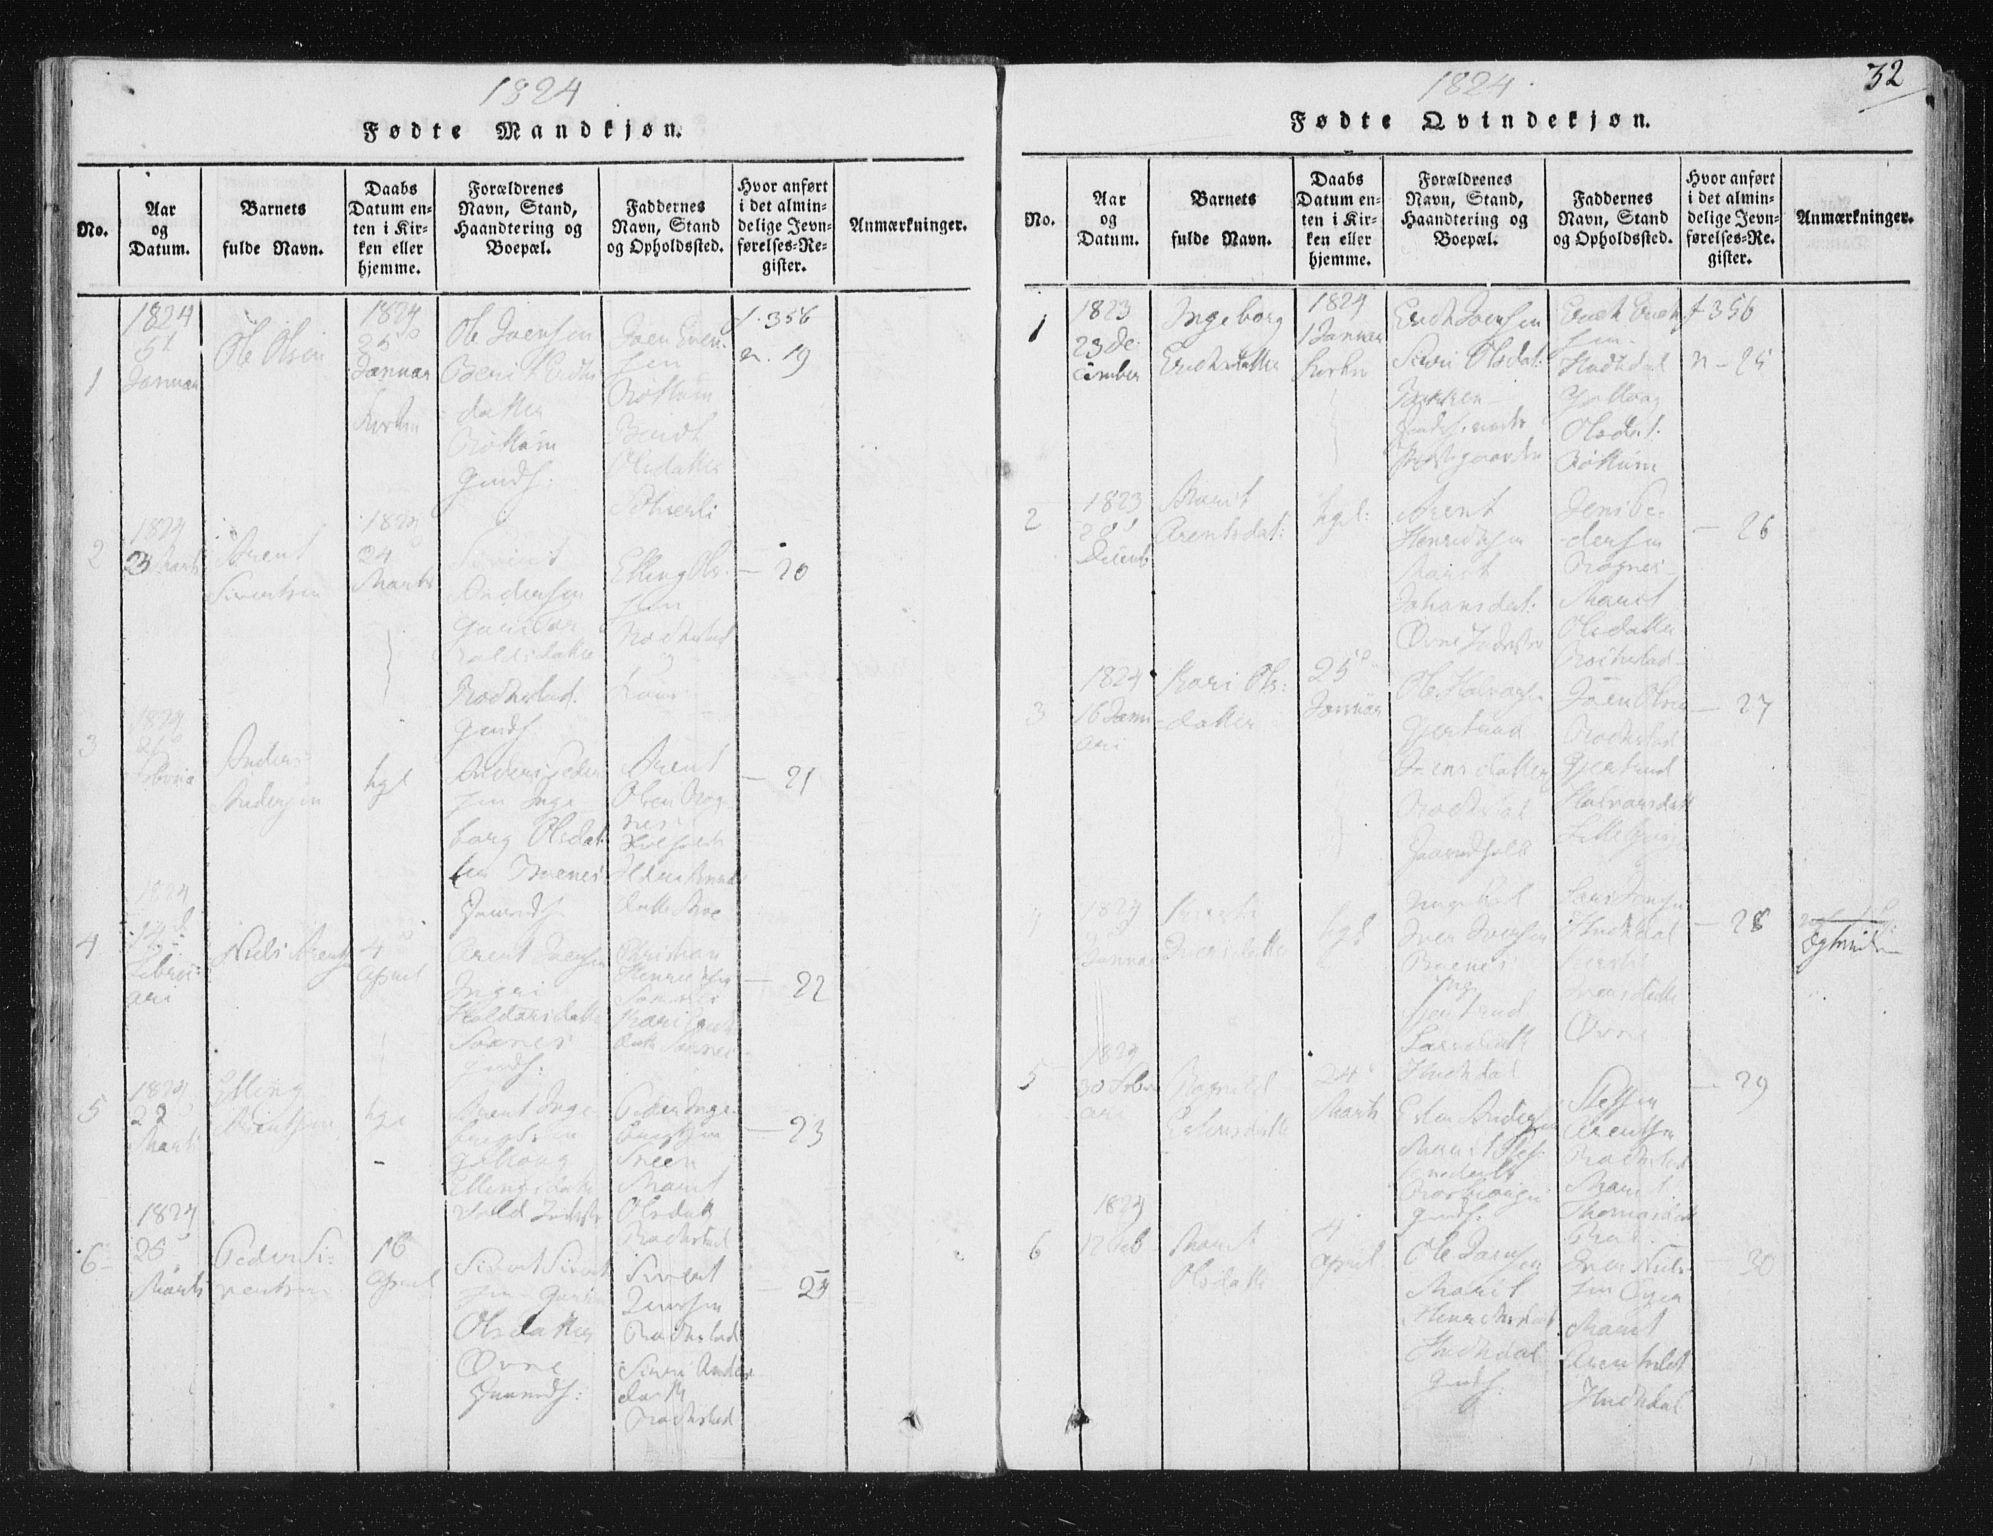 SAT, Ministerialprotokoller, klokkerbøker og fødselsregistre - Sør-Trøndelag, 687/L0996: Ministerialbok nr. 687A04, 1816-1842, s. 32